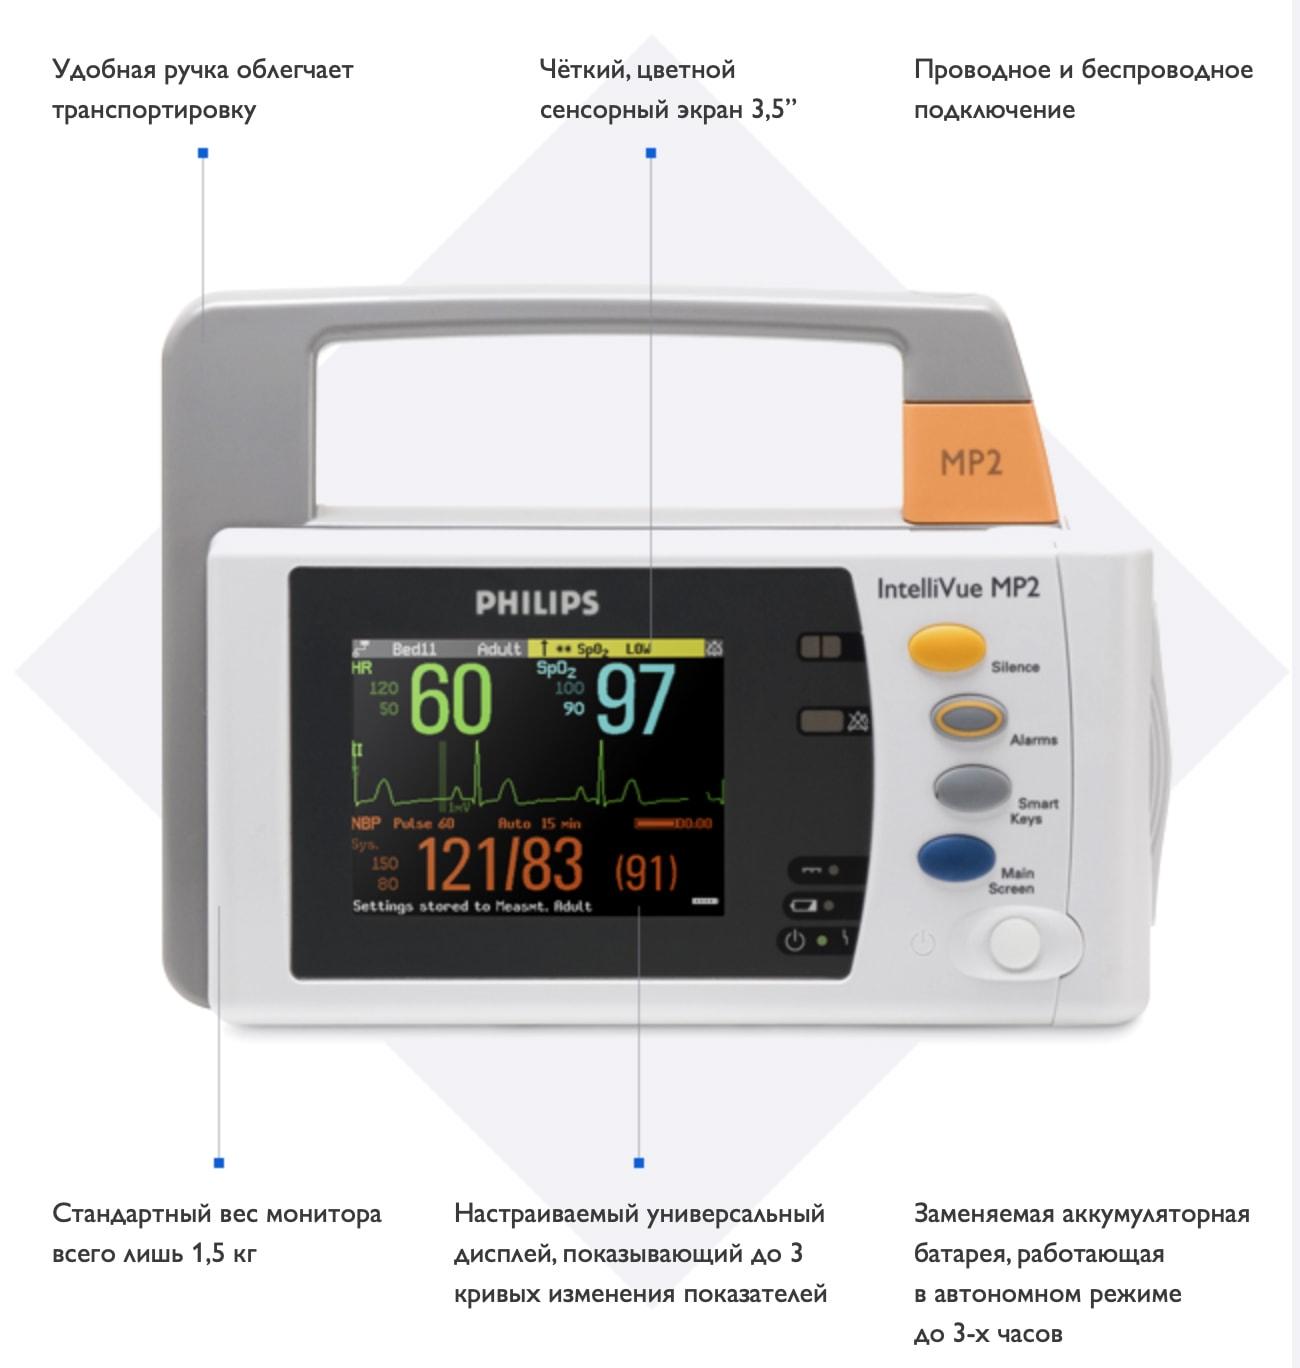 Особенности монитора Philips IntelliVue MP2